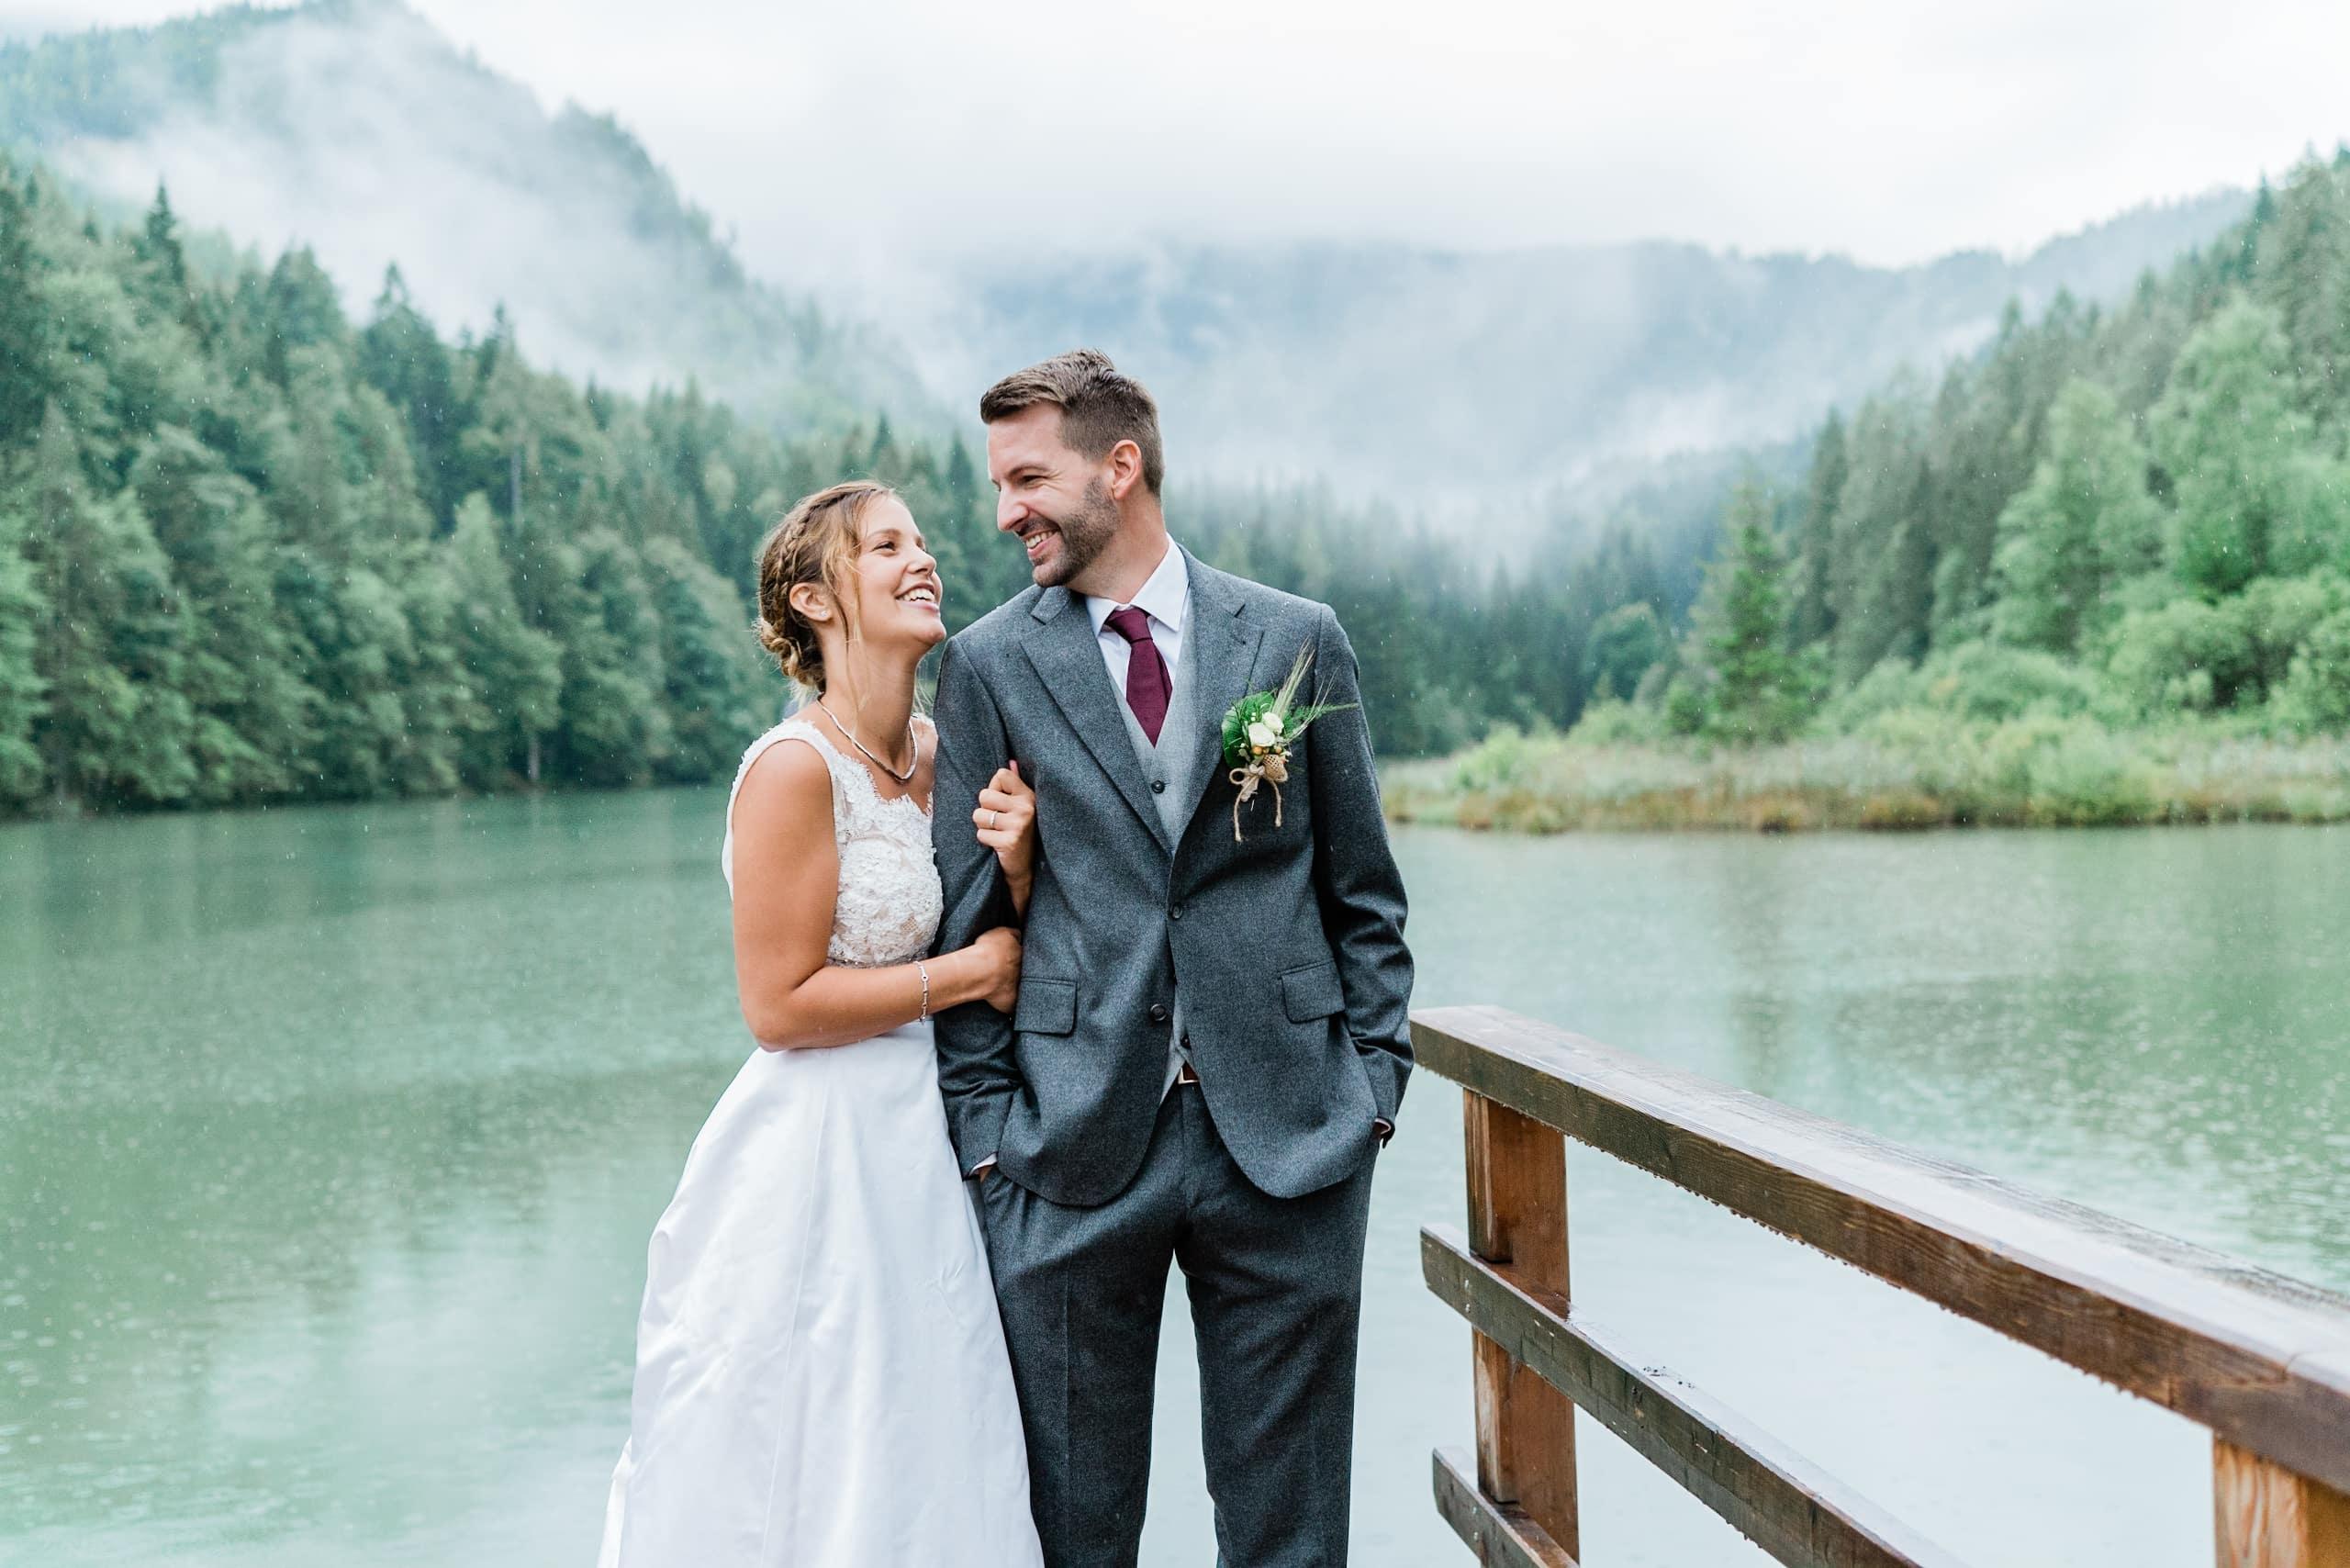 stilvolle elegante und zeitlose Hochzeitsfotos am See in den Bergen. Das Brautpaar steht bei Regen vor einem See und den Bergen im Nebel und lacht sich an. Die Braut trägt ein weißes Brautkleid und der Bräutigam trägt einen eleganten dunkelgrauen Anzug